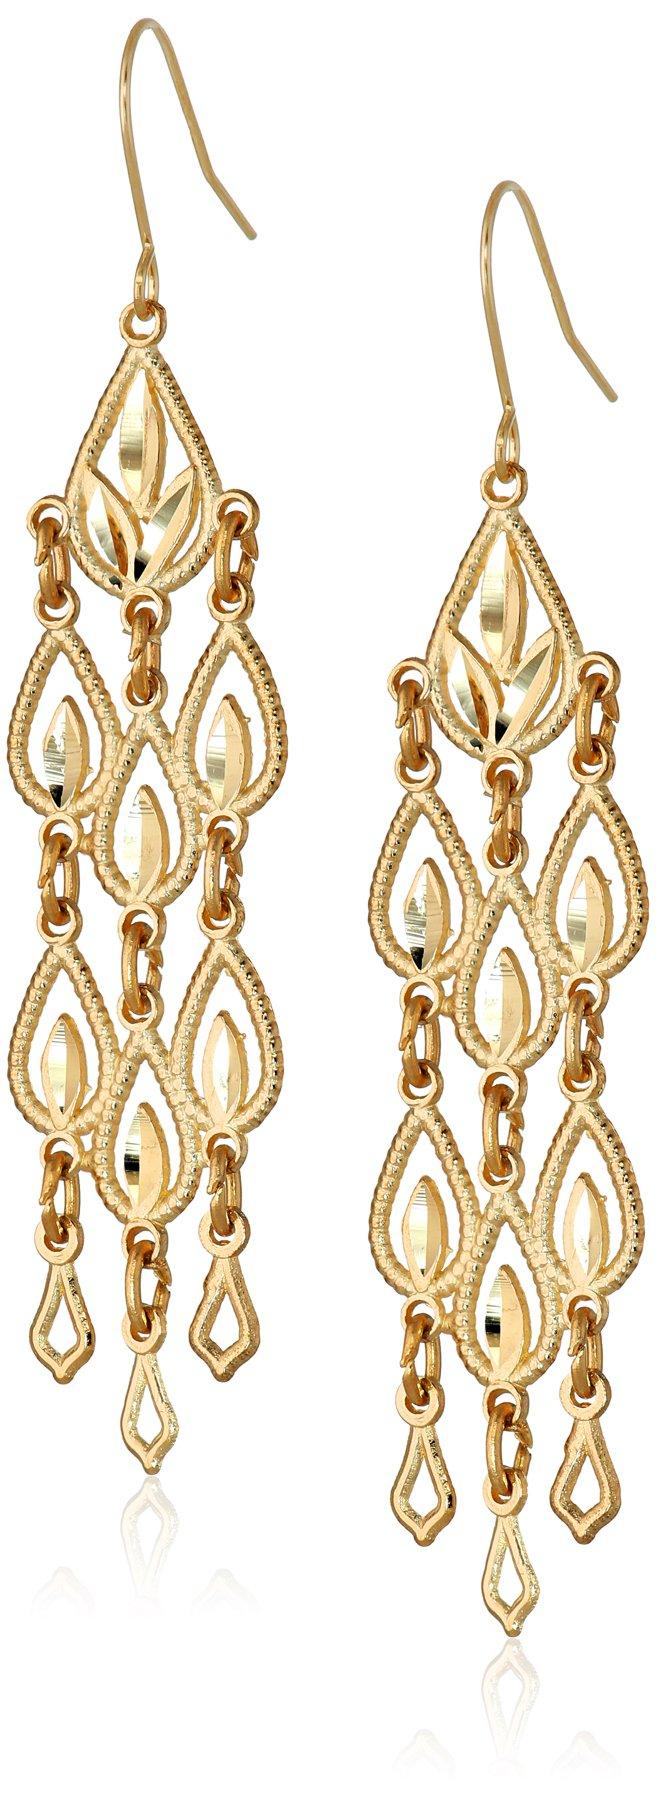 14k Yellow Gold Diamond-Cut Chandelier Drop Earrings, 1.95''